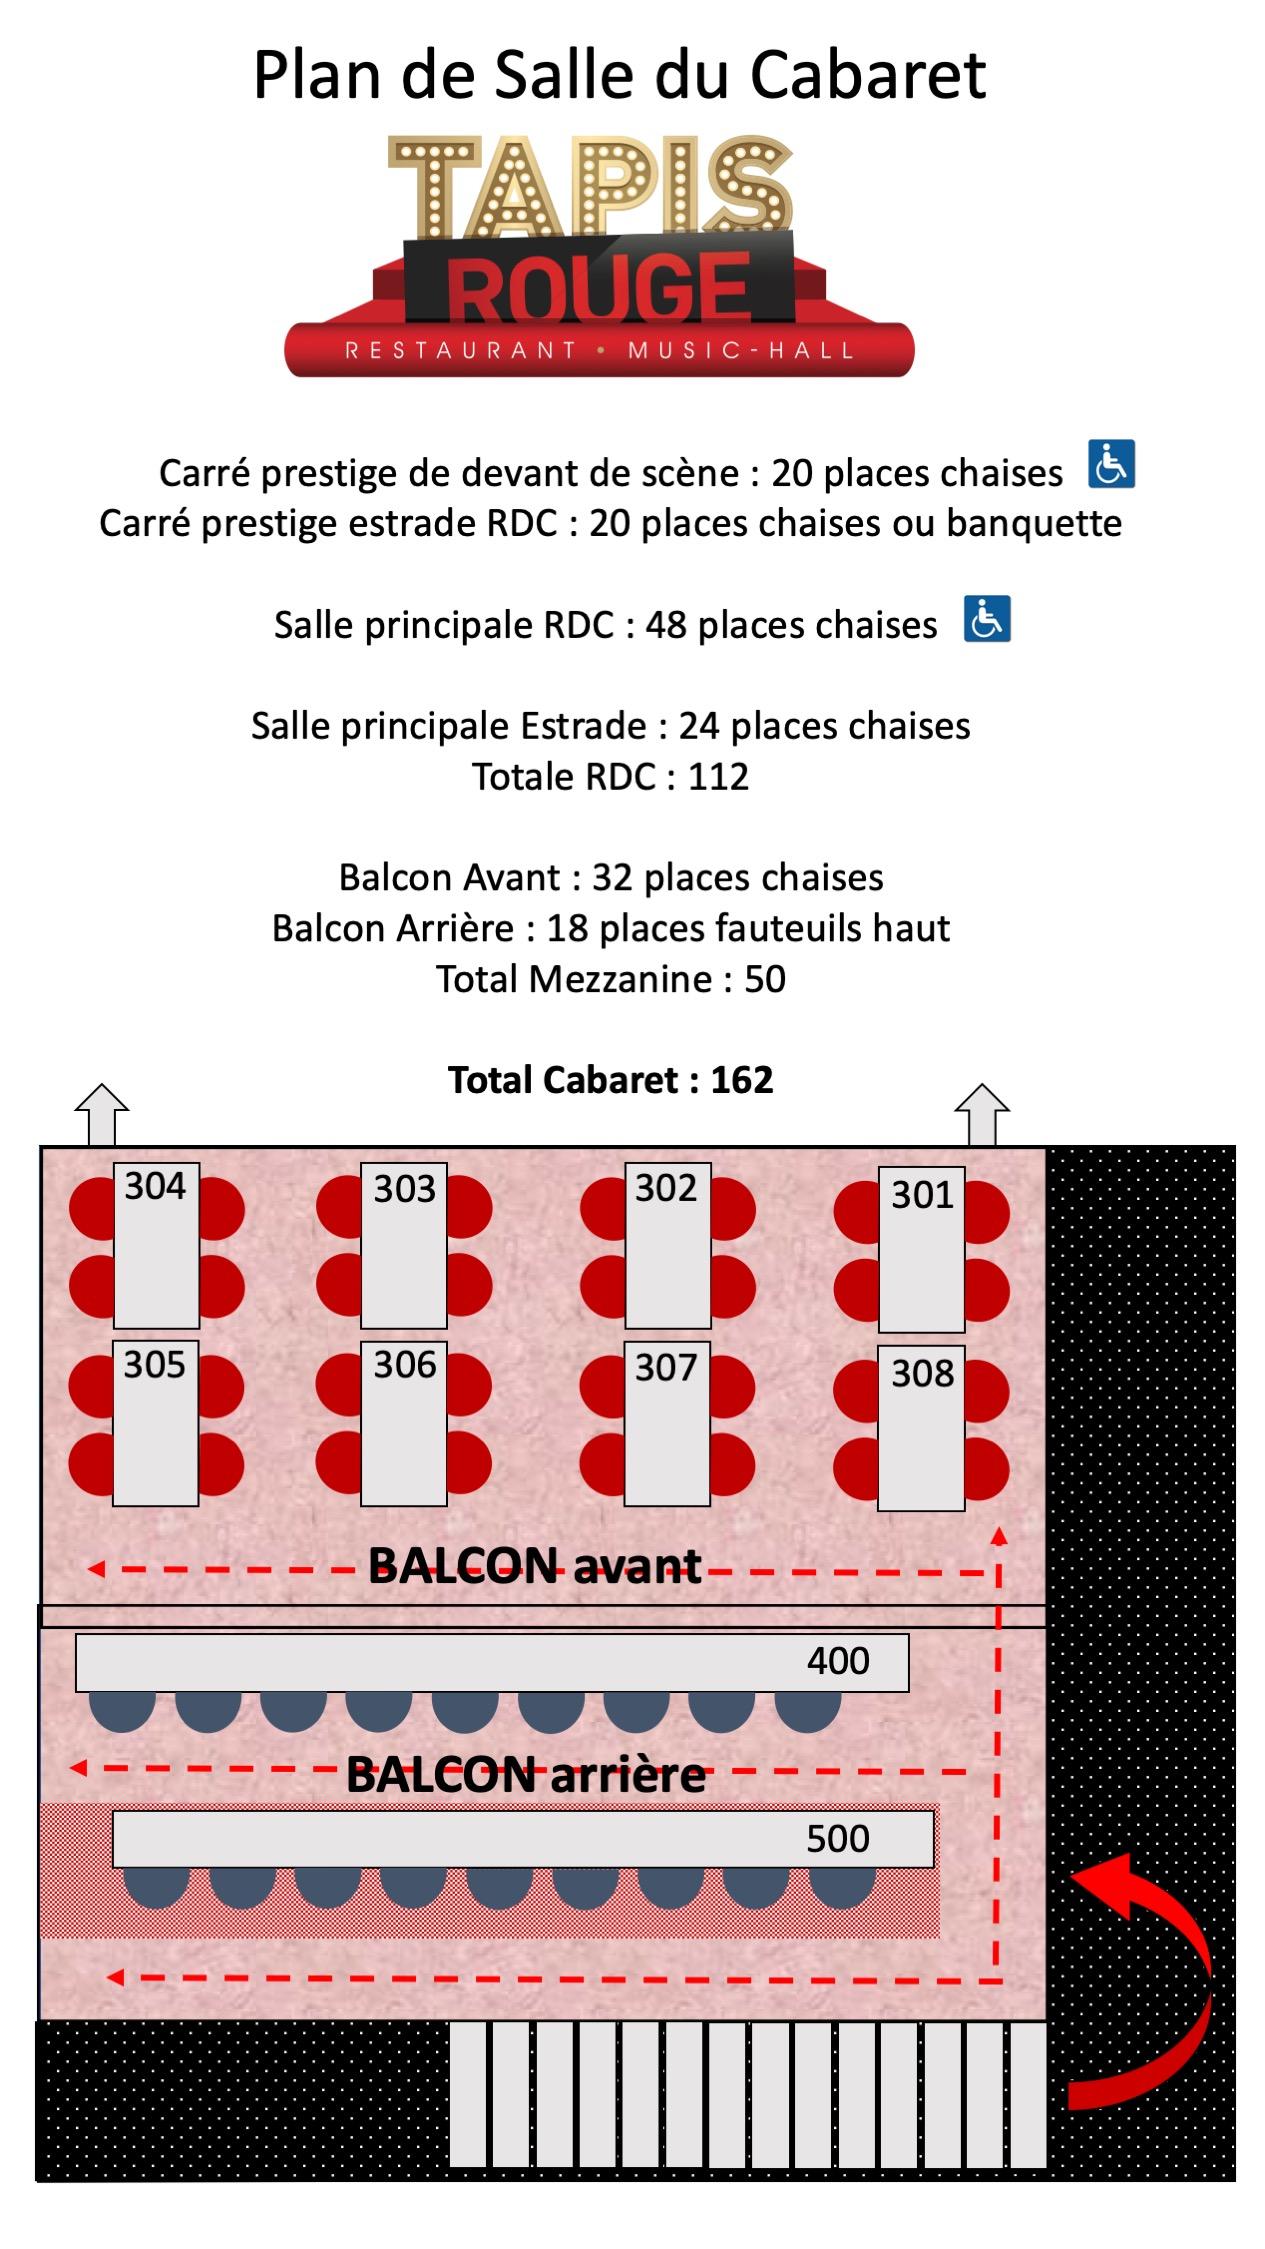 PLAN DE SALLE (BAS et HAUT)